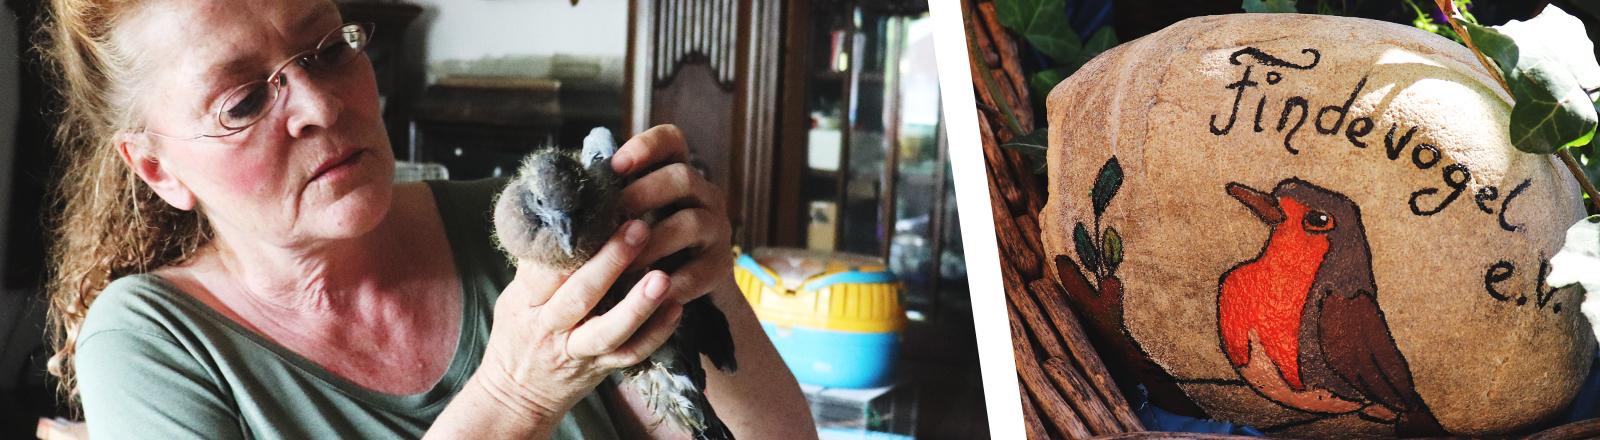 """Annedore Langner mit einer Ringeltaube. Das Bild eines Vogels auf einem Stein mit der Aufschrift """"Findevogel e.V."""""""